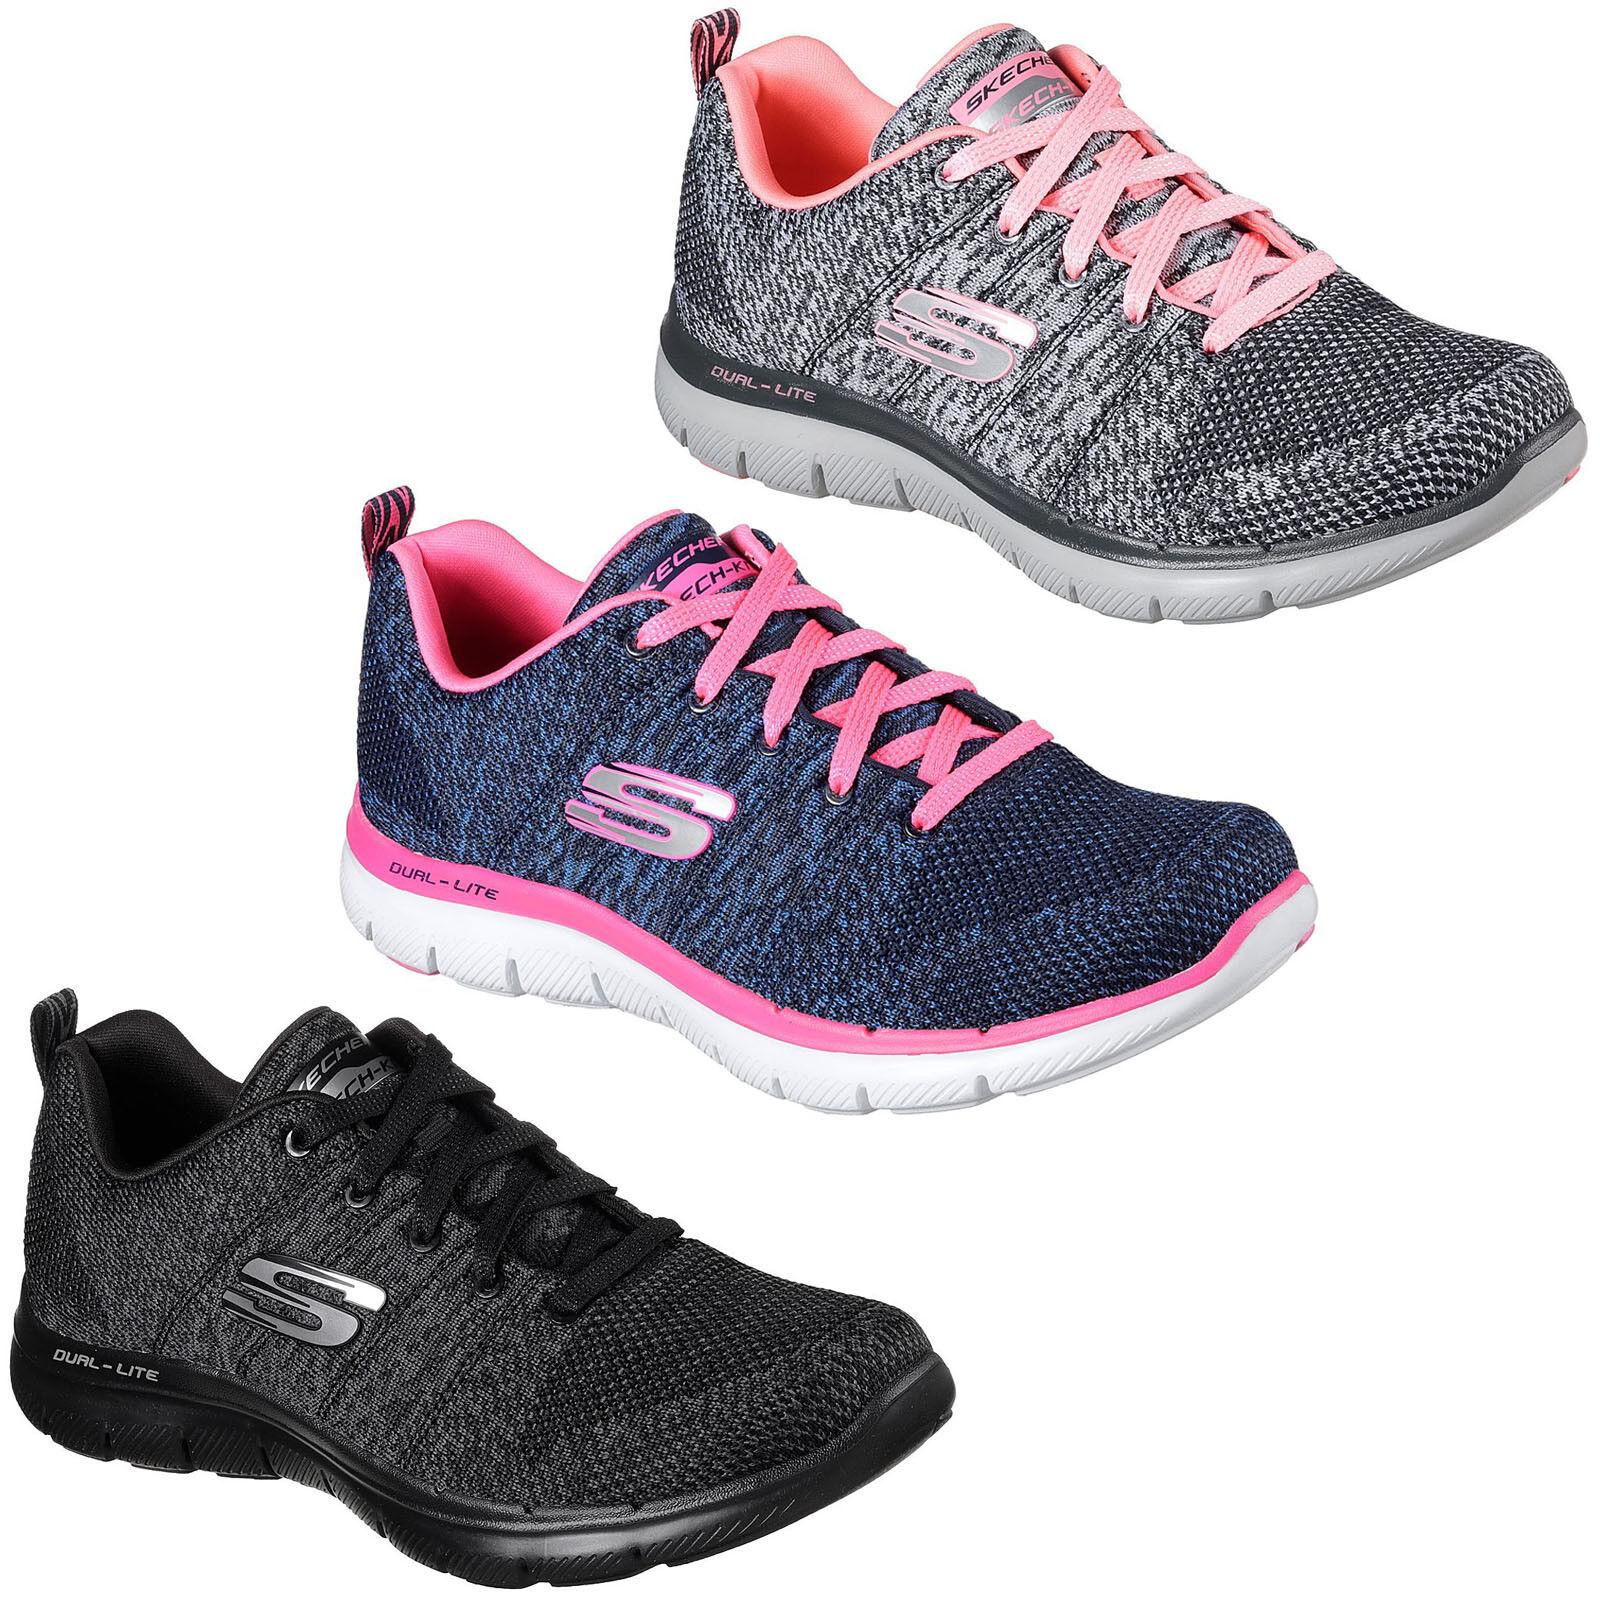 Zapatos promocionales para hombres y mujeres Skechers Flex Appeal 2.0 alta energía Zapatillas Deportes Para Dama